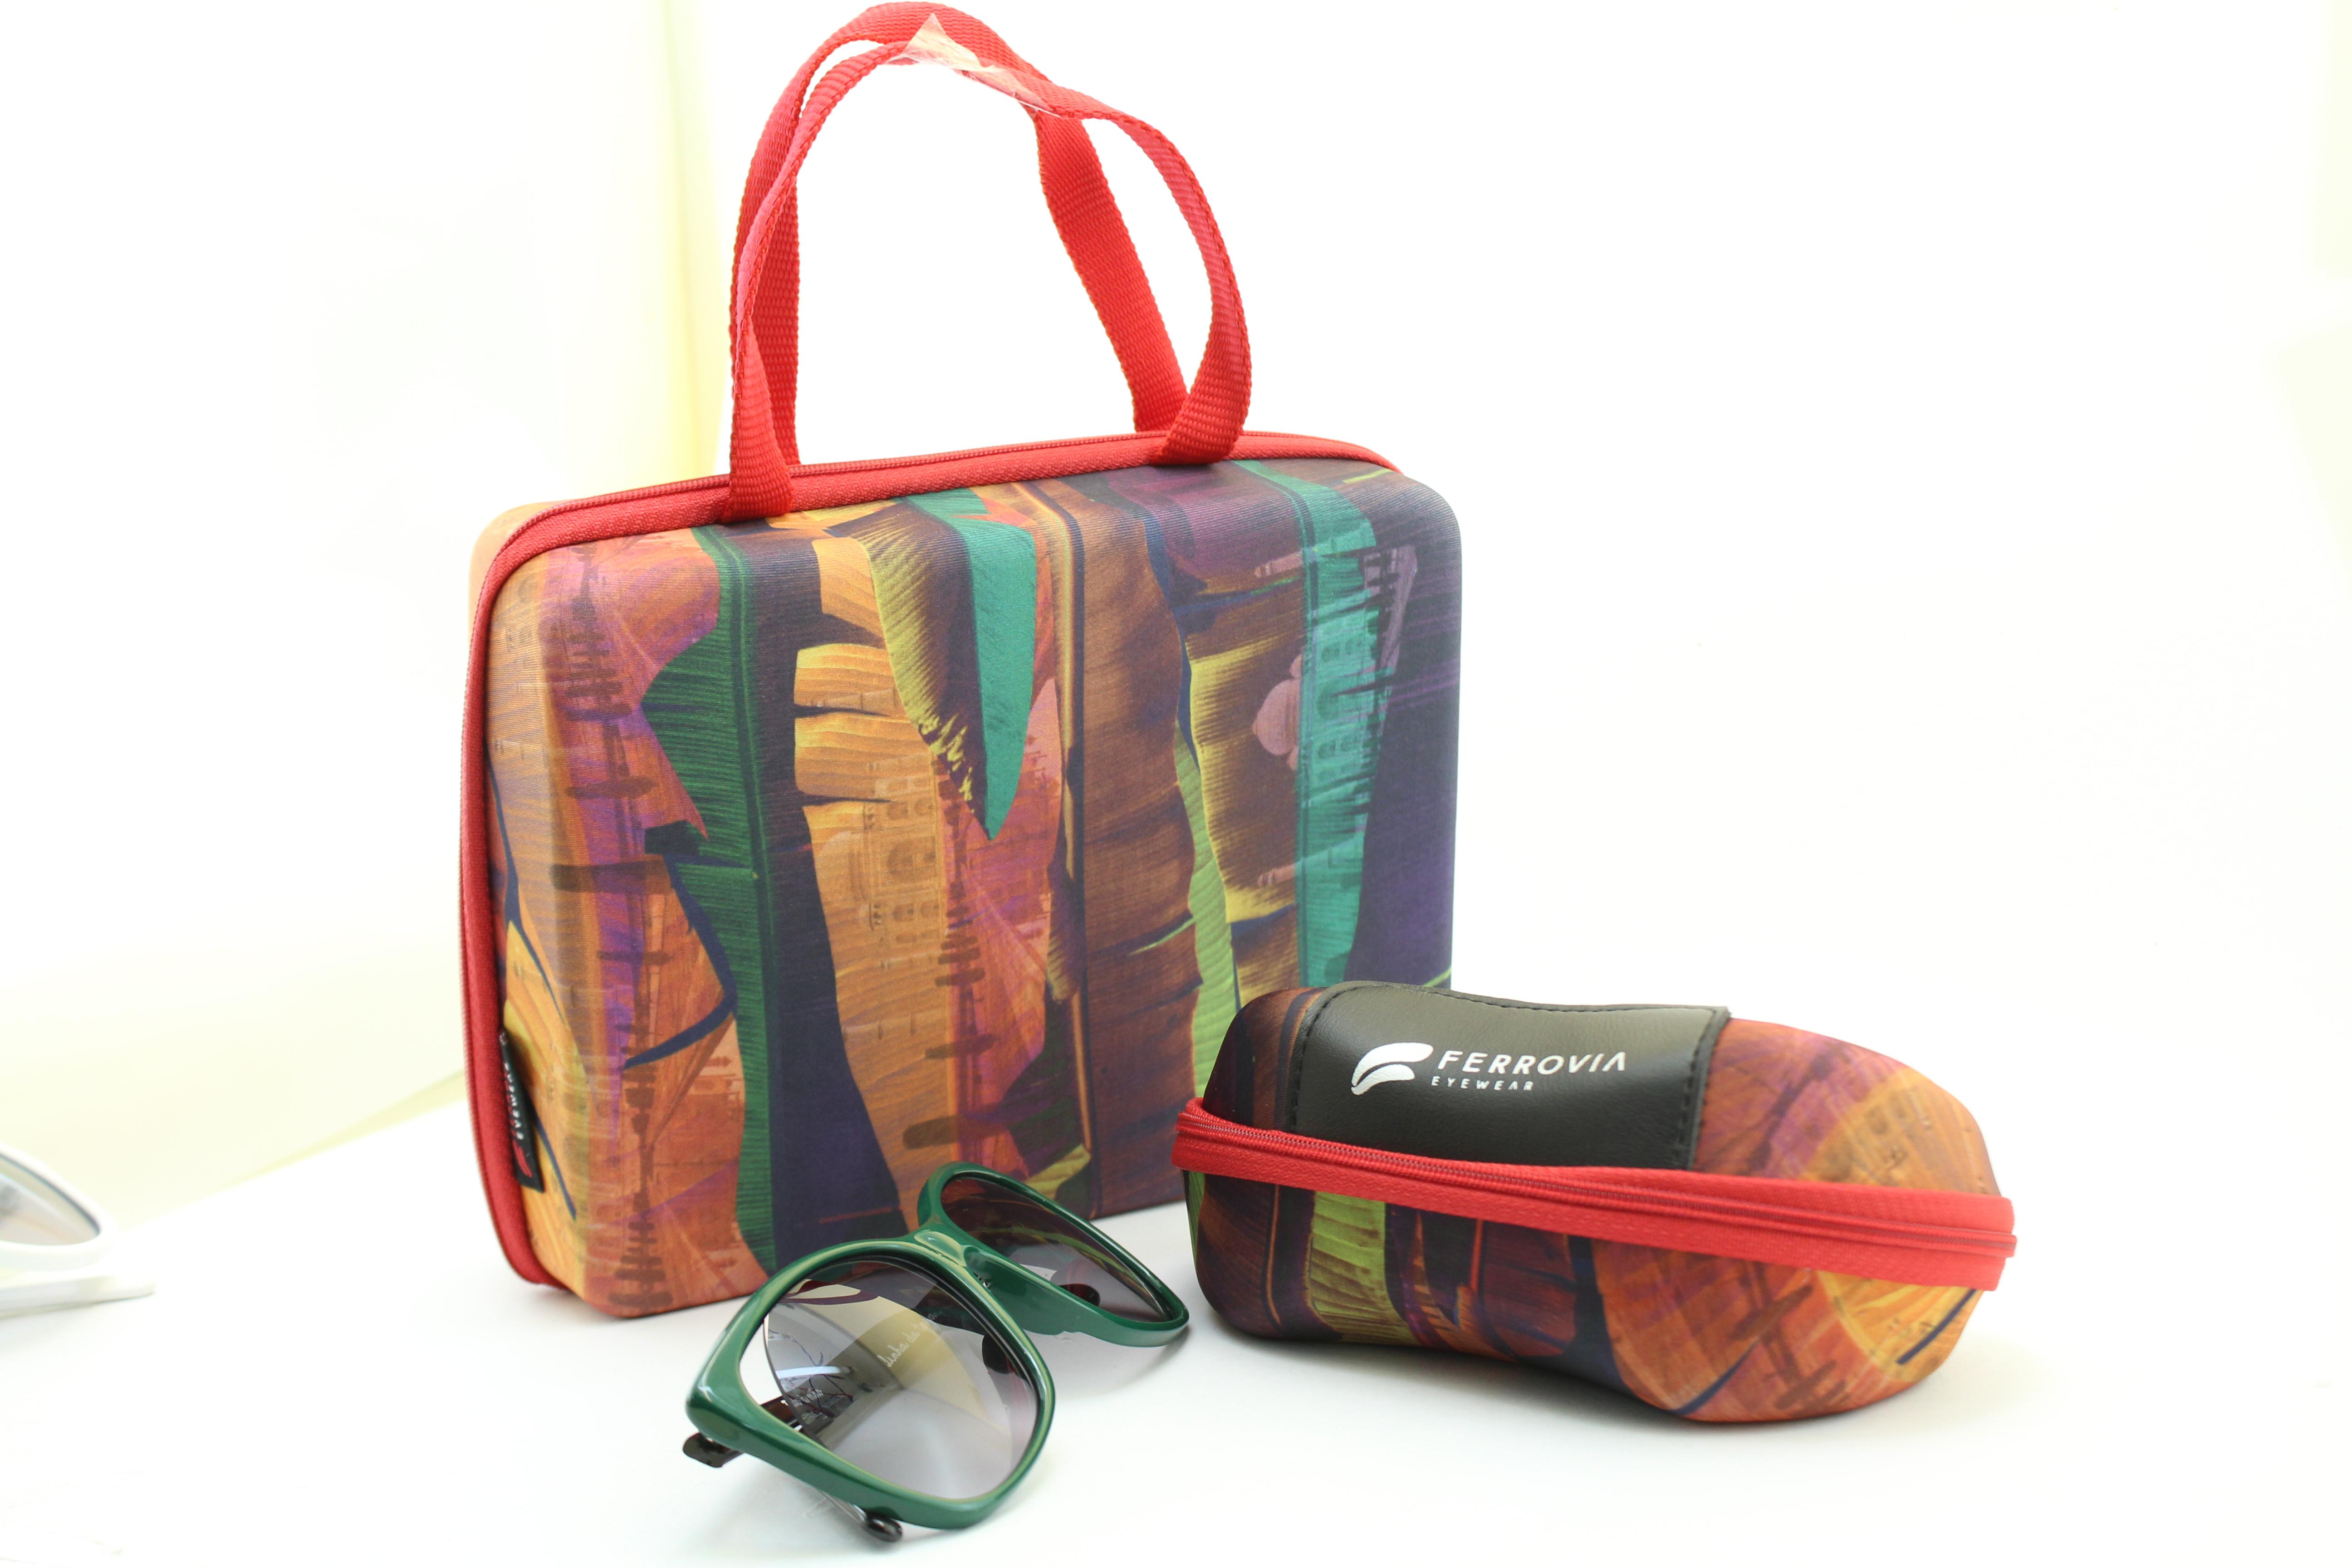 Ferrovia Eyewear lança linha de óculos fashion com vendas revertidas para  ação social 25cf32681a